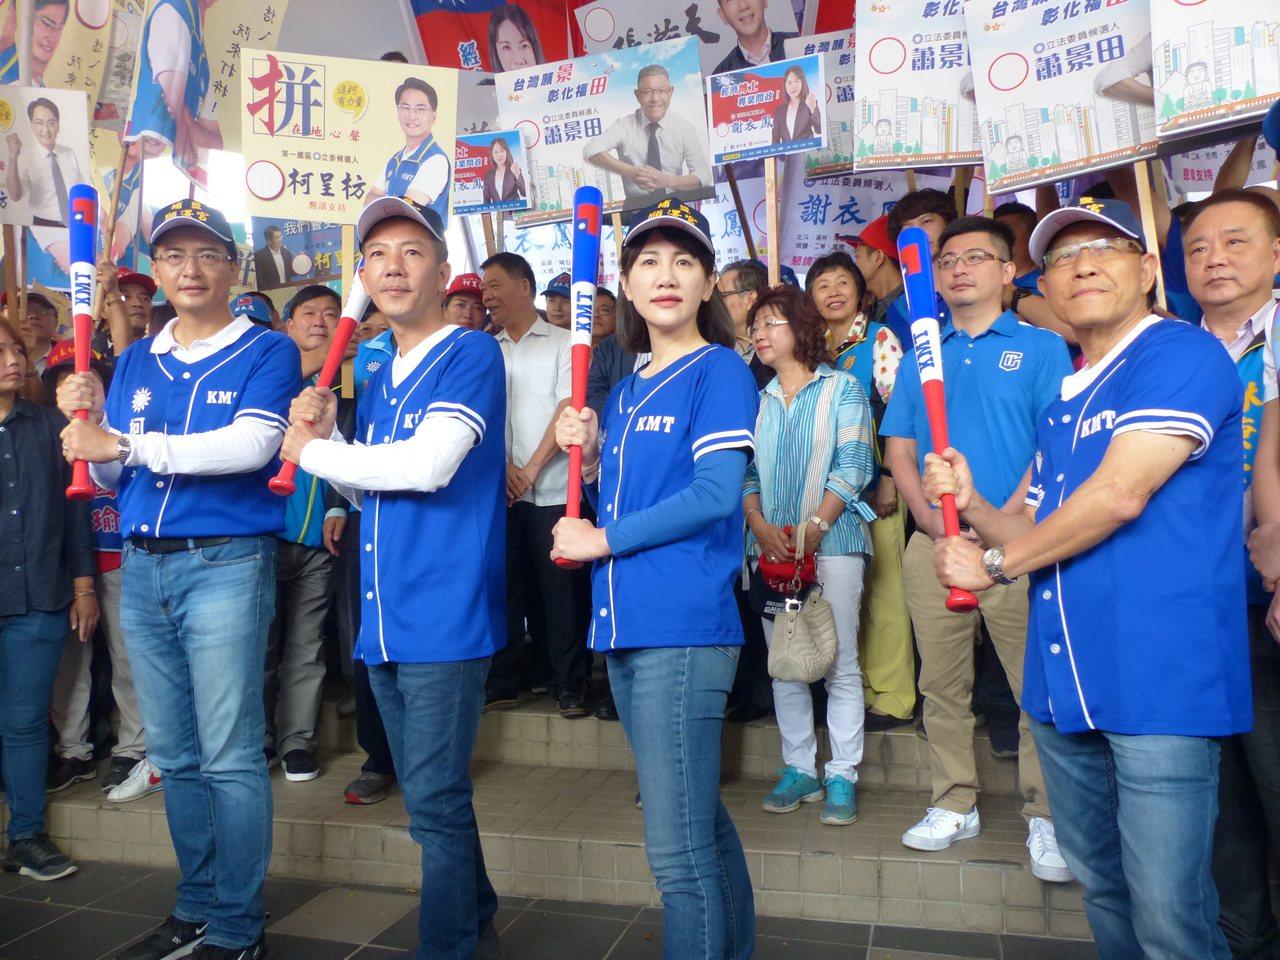 彰化縣立委選舉競爭激烈,國民黨也評估是「坐二搶三爭四」。本報資料照片